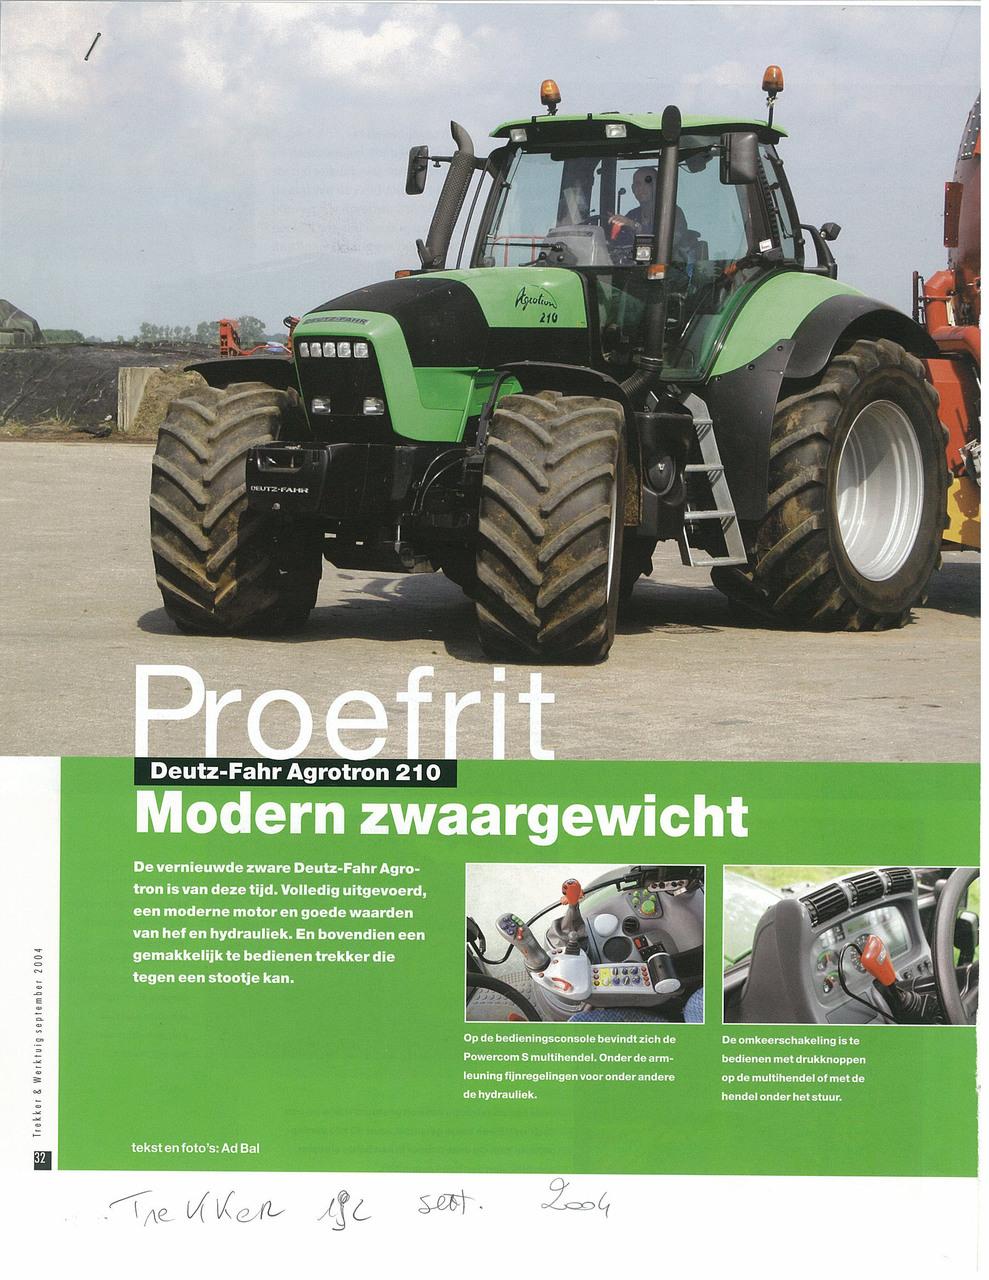 Proefrit: Deutz-Fahr Agrotron 210. Modern zwaargewicht